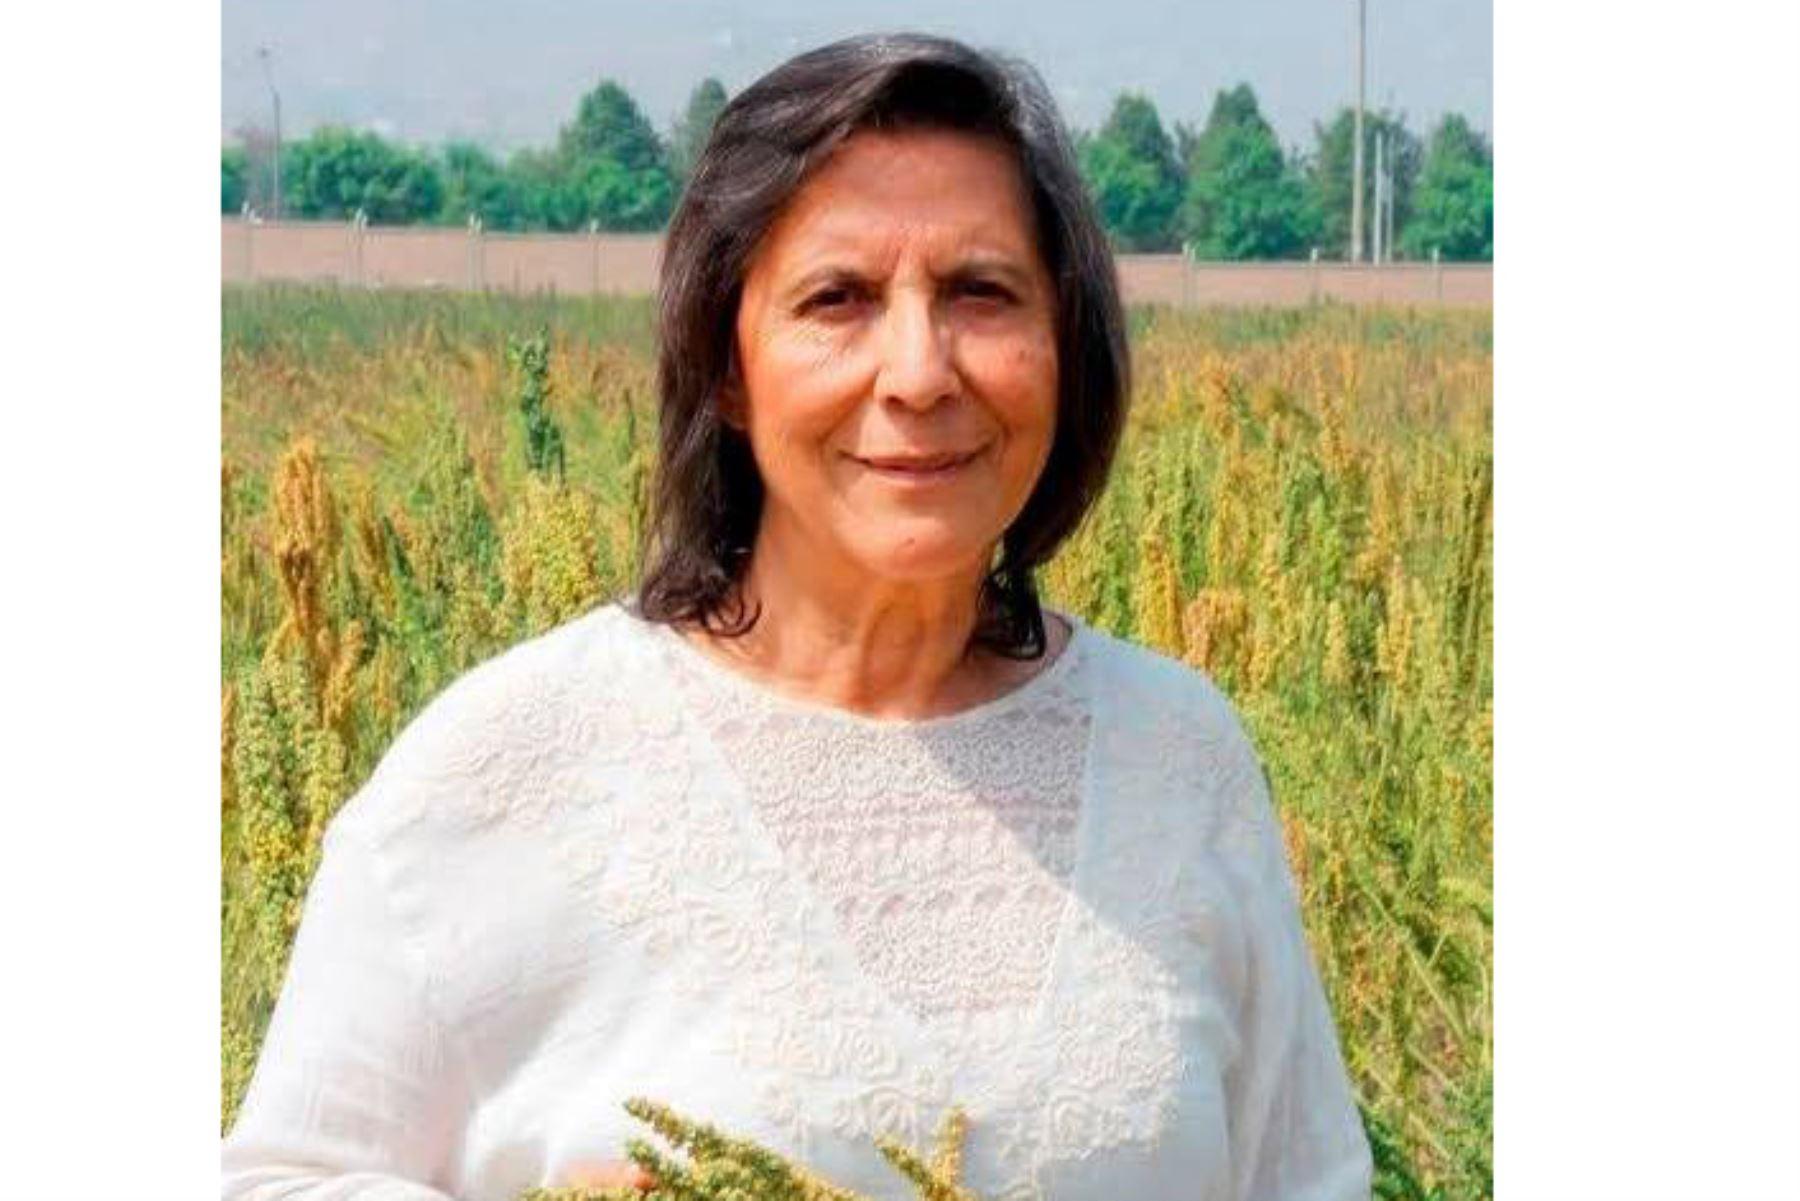 Luz Rayda Gómez-Pando es profesora principal del Departamento de Fitotecnia de la Facultad de Agronomía y jefa del Programa de Cereales y Granos Nativos de la Universidad Agraria.